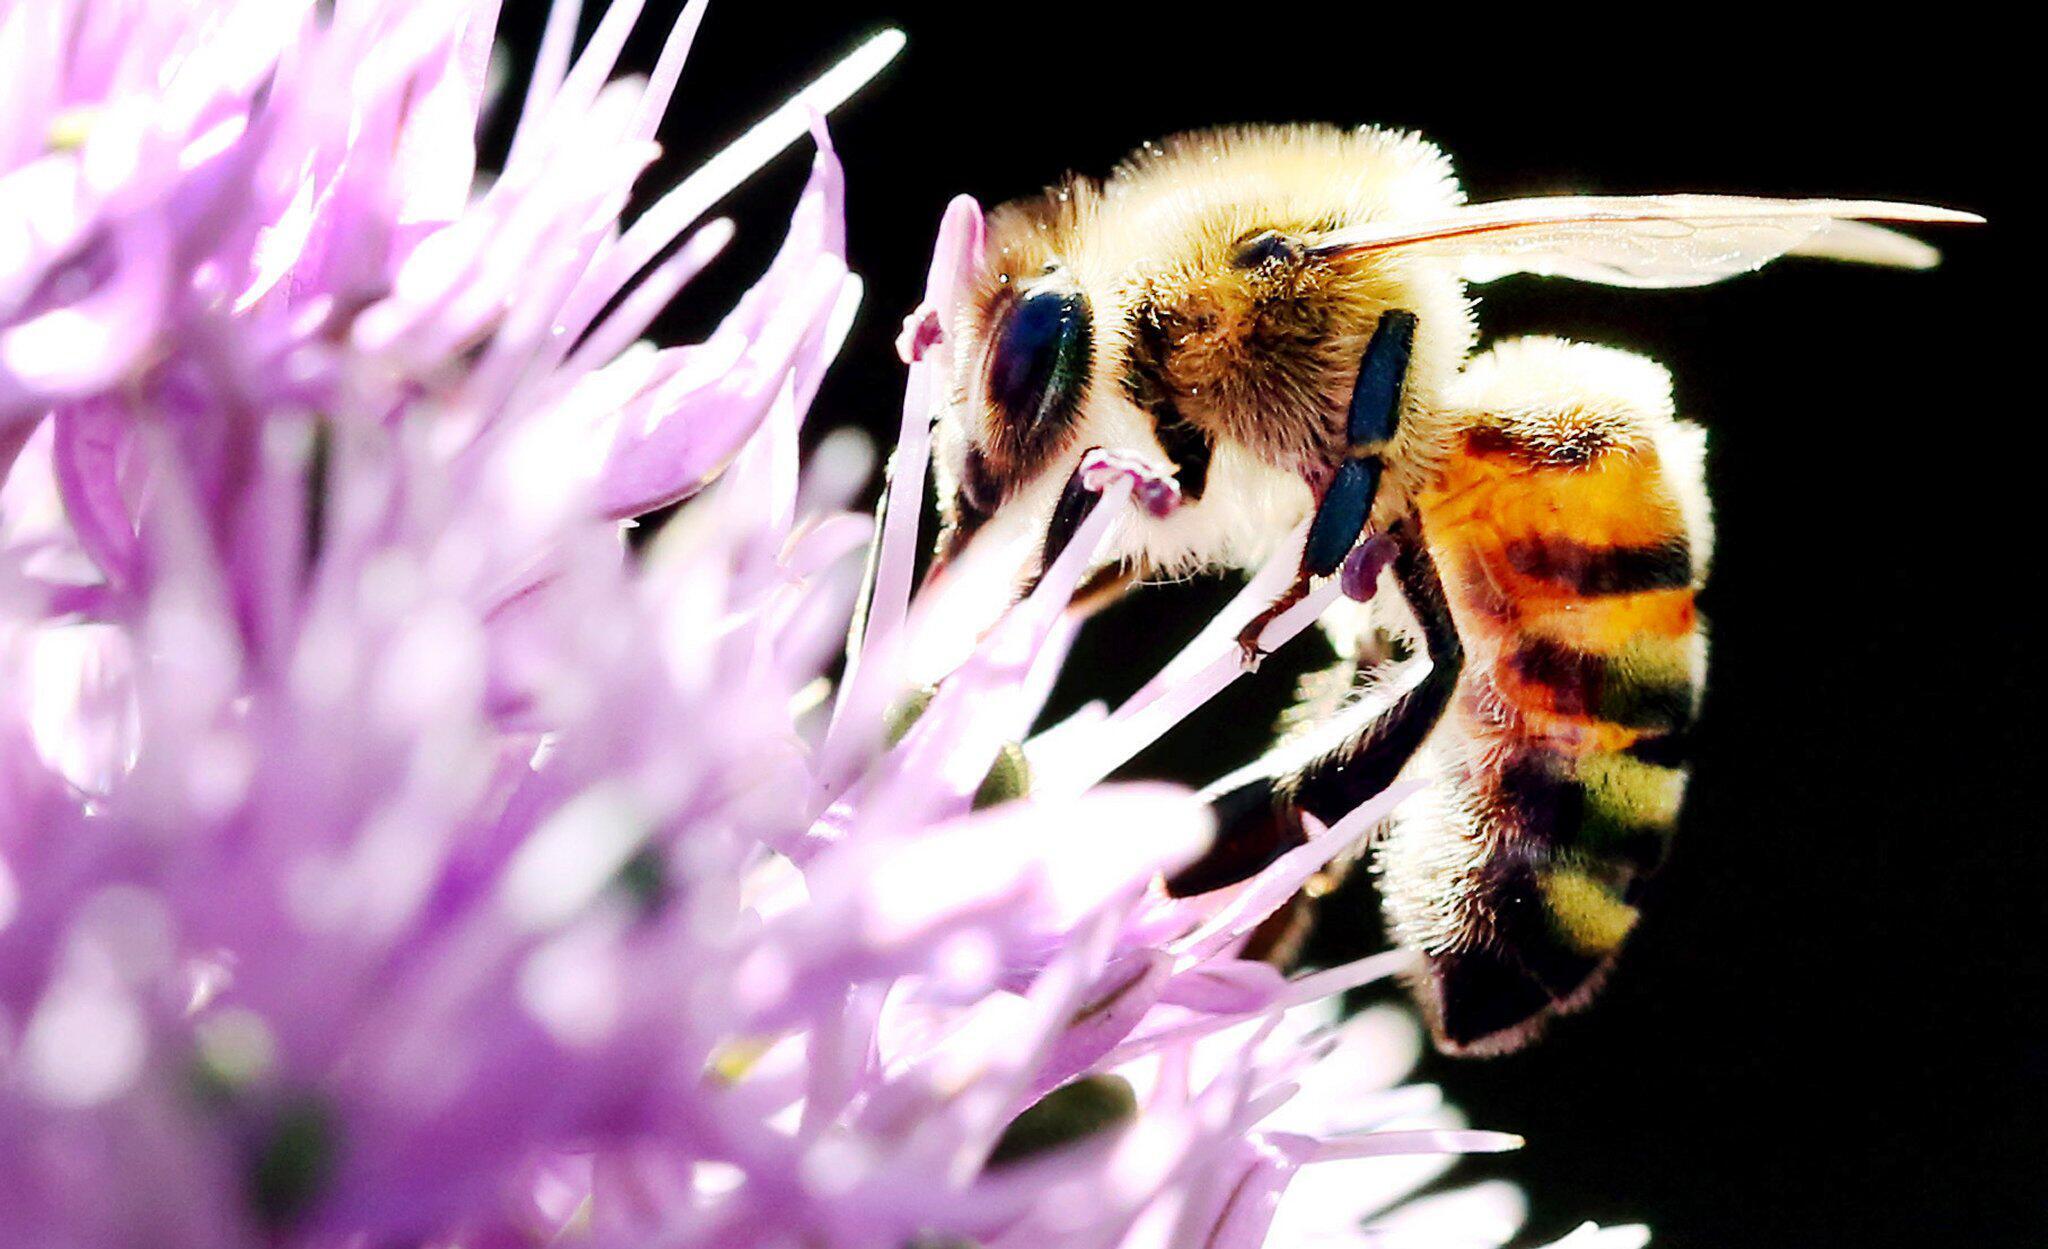 Bild zu Biene, Blüte, Allium, Zierlauch, Düsseldorf